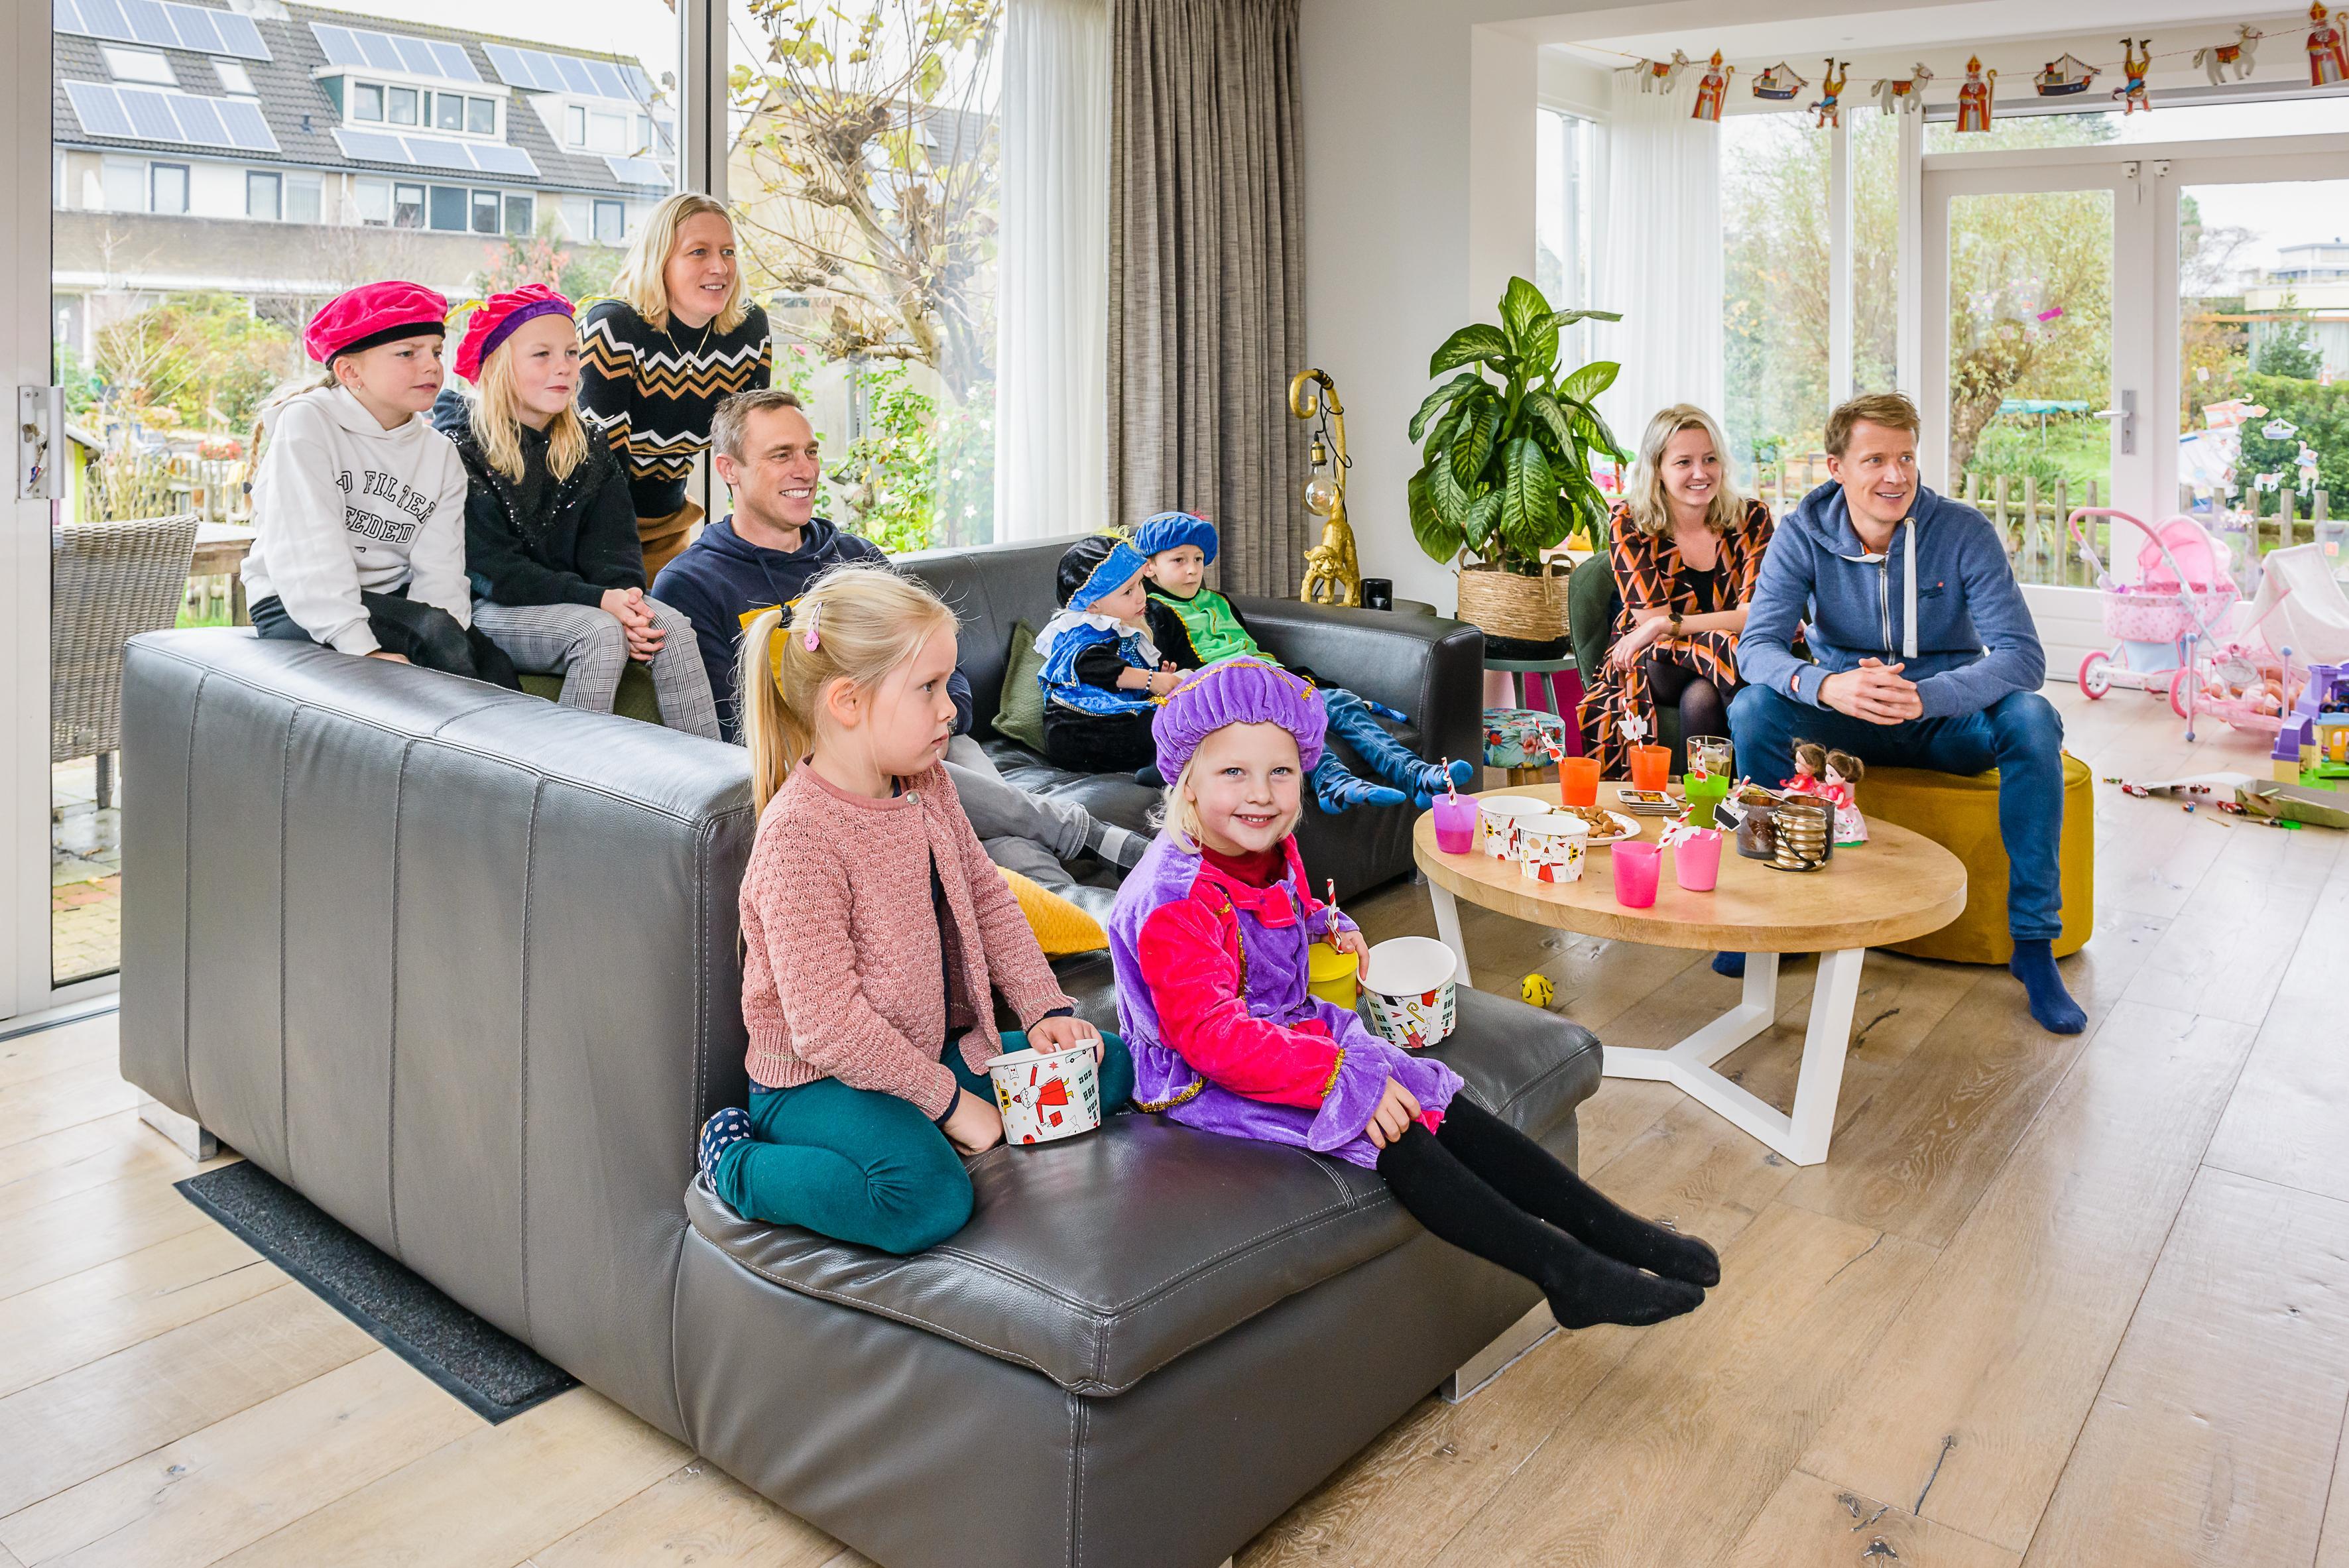 Voor Sophie en Femke is de intocht van Sinterklaas op televisie net zo leuk en spannend als die bij de Zaan